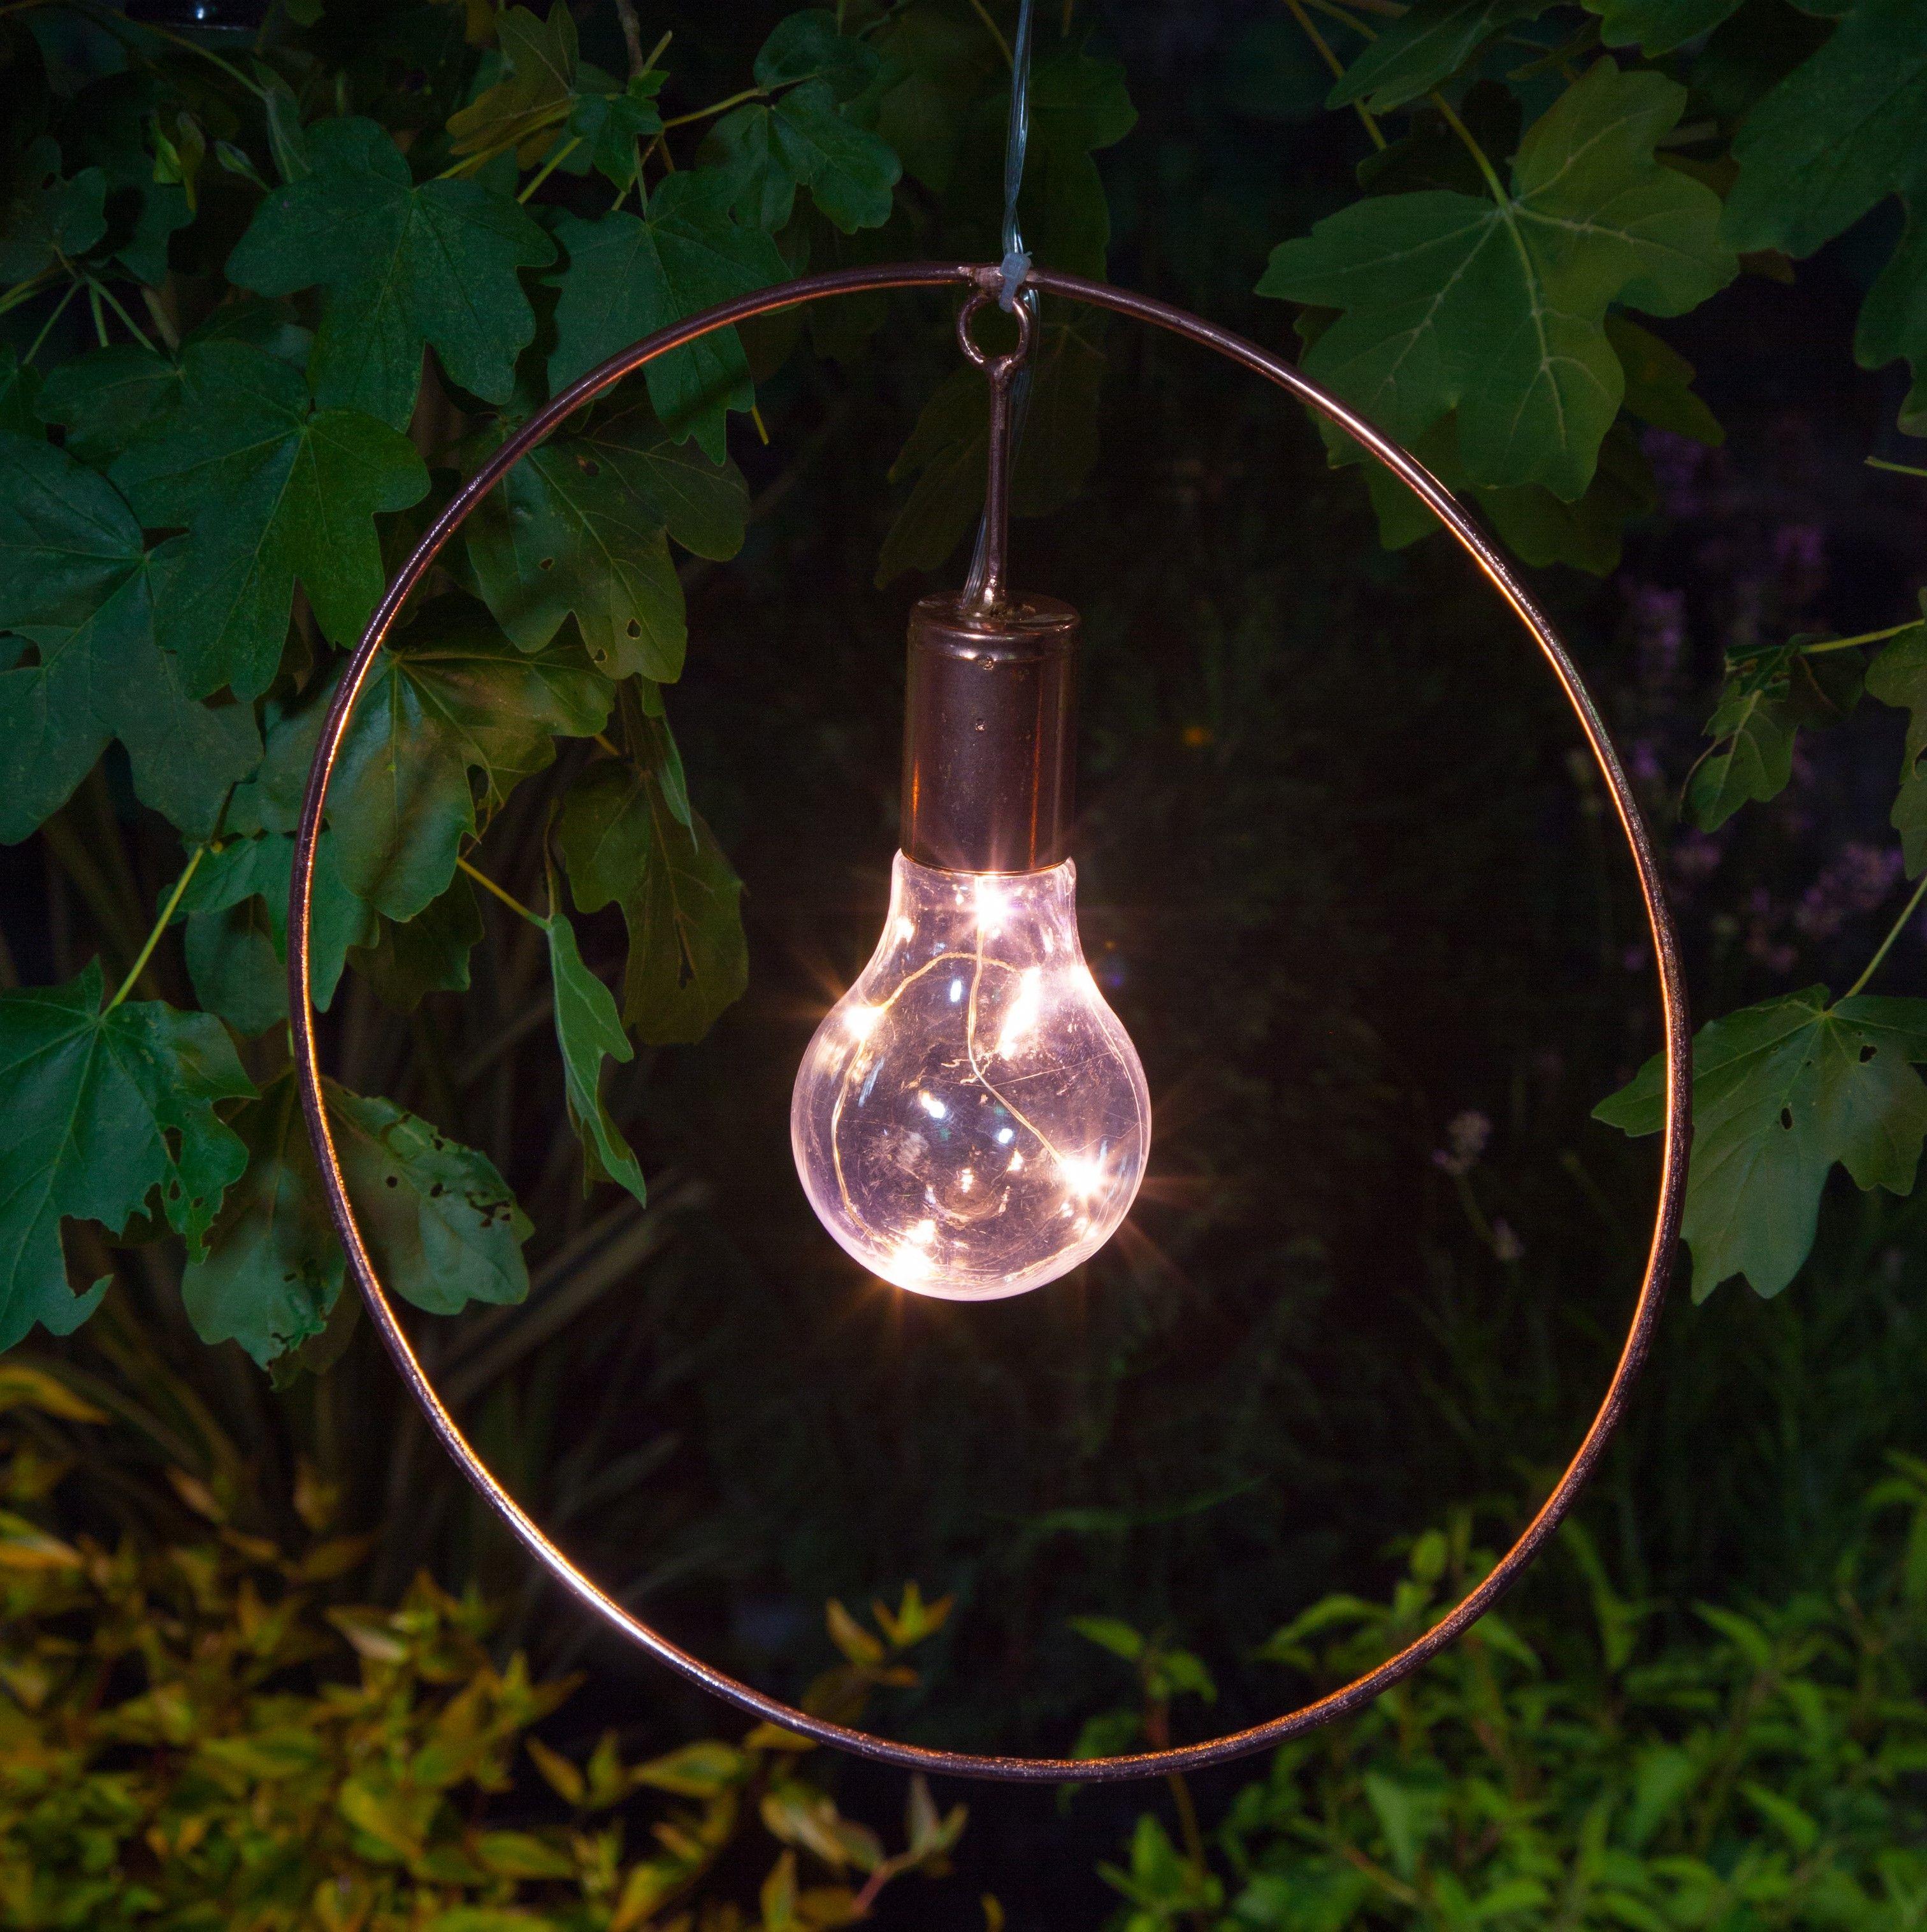 NOMA Garden Art Solar Circle Hanging Light noma.co.uk